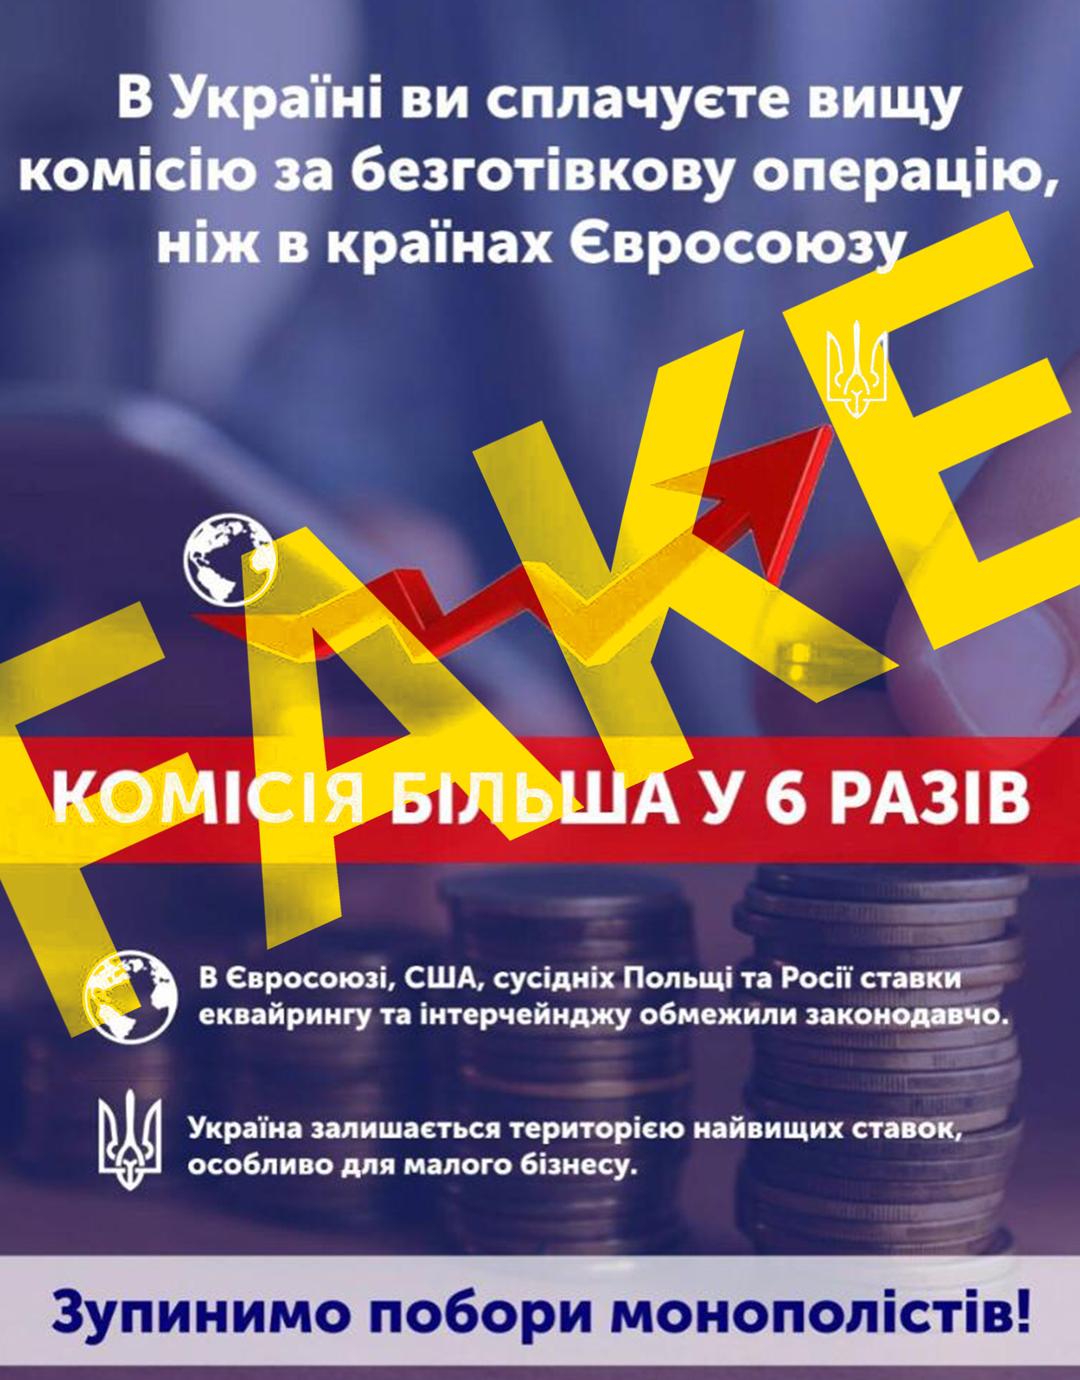 Фейк: В Україні ви сплачуєте у 6 разів вищу комісію за безготівкову операцію, ніж у країнах ЄС